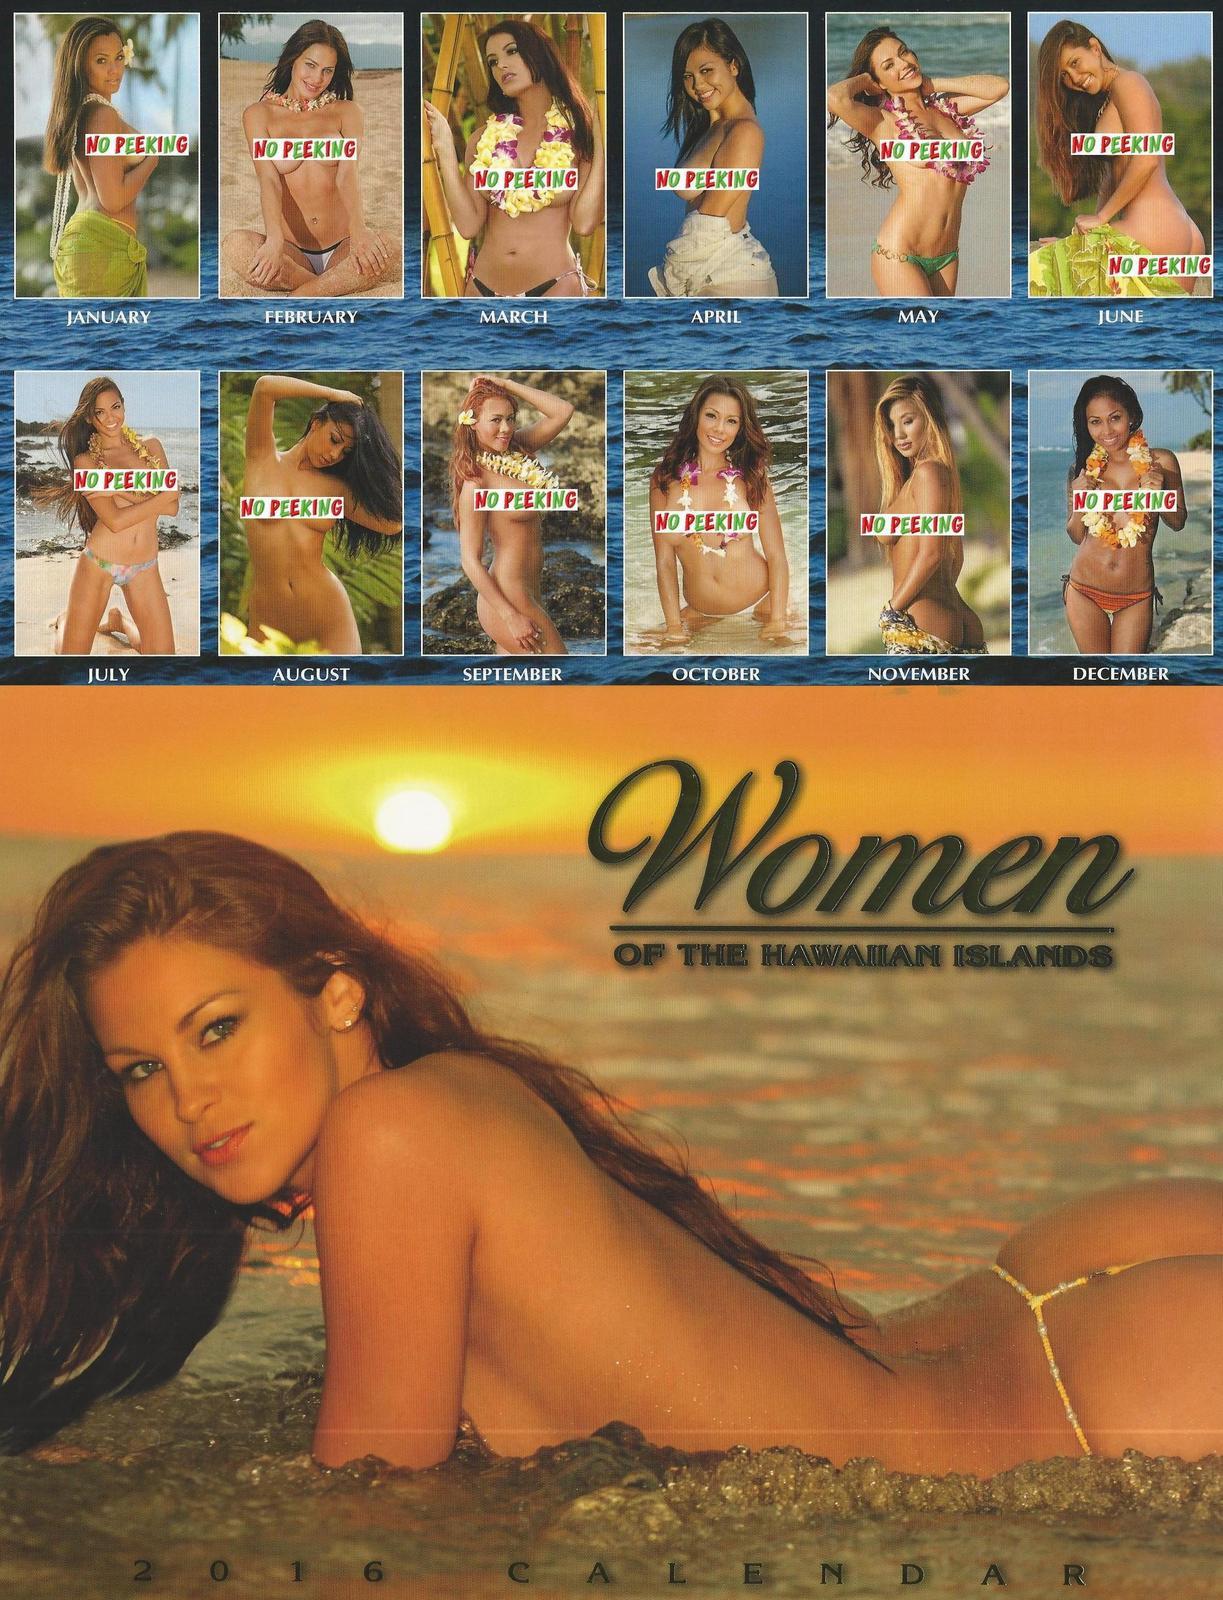 2016 Hawaii Women Of The Hawaiian Islands 12 And 50 -4398